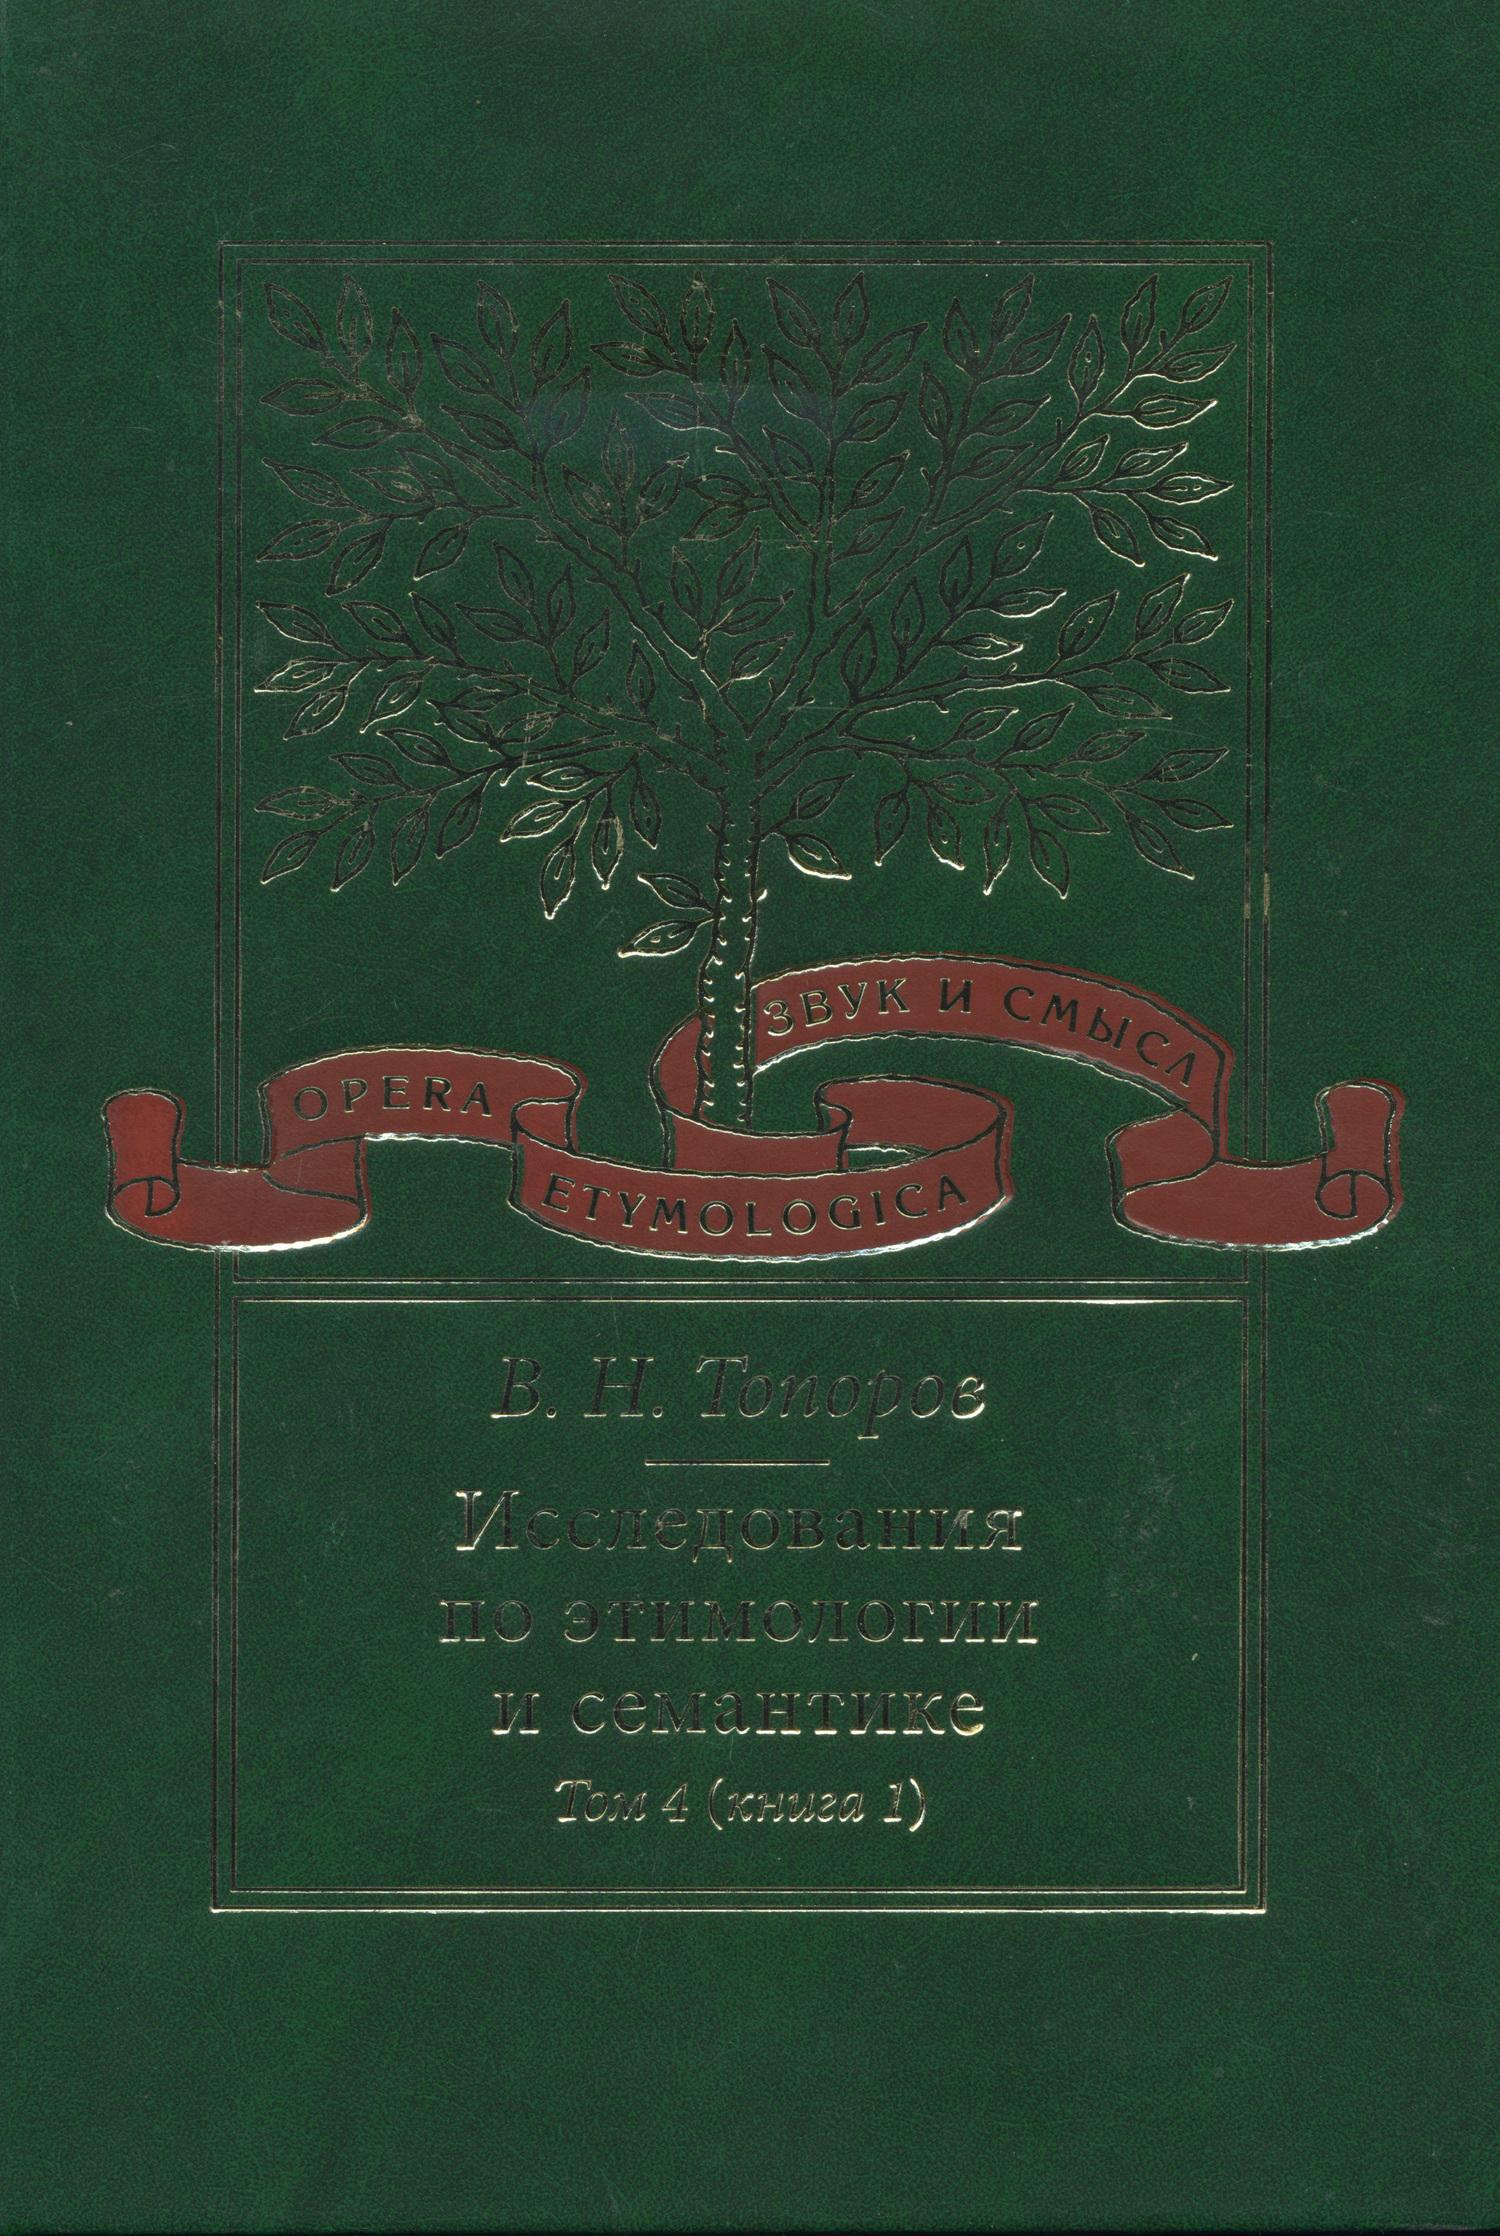 Обложка книги Исследования по этимологии и семантике. Том 4. Балтийские и славянские языки. Книга 1, автор В. Н. Топоров